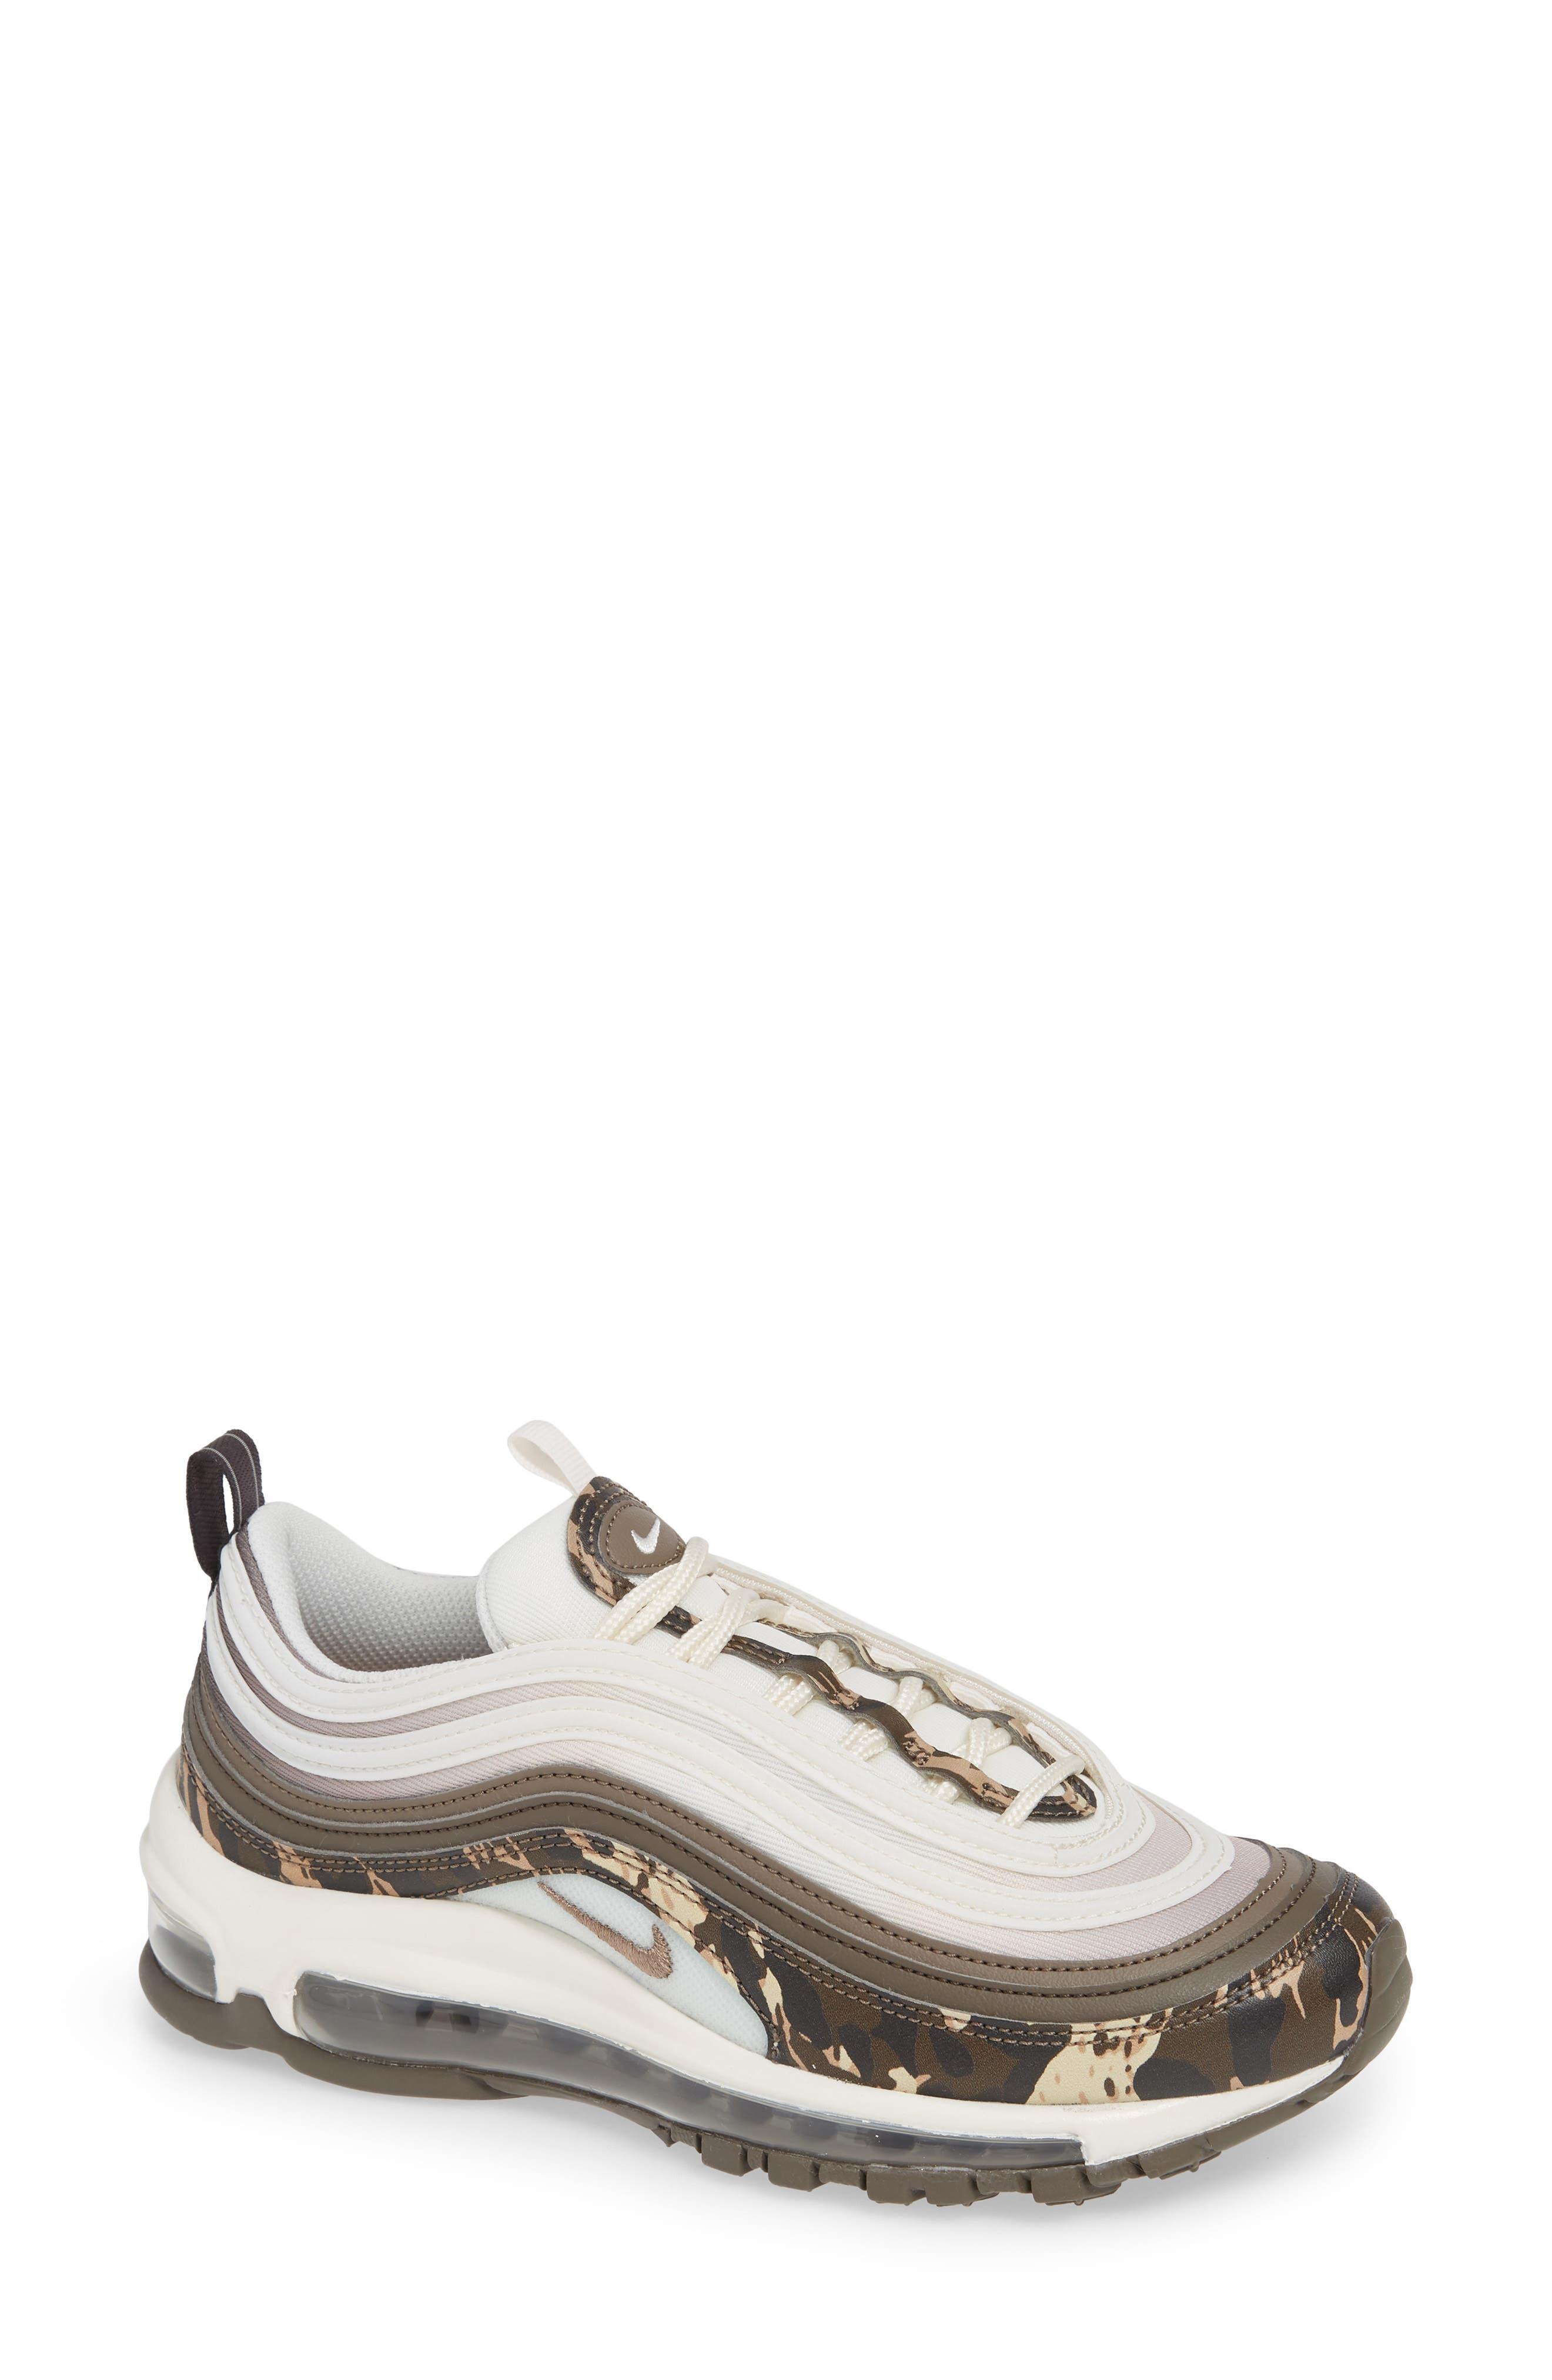 Air Max 97 Premium Sneaker,                         Main,                         color, BROWN/ PHANTOM